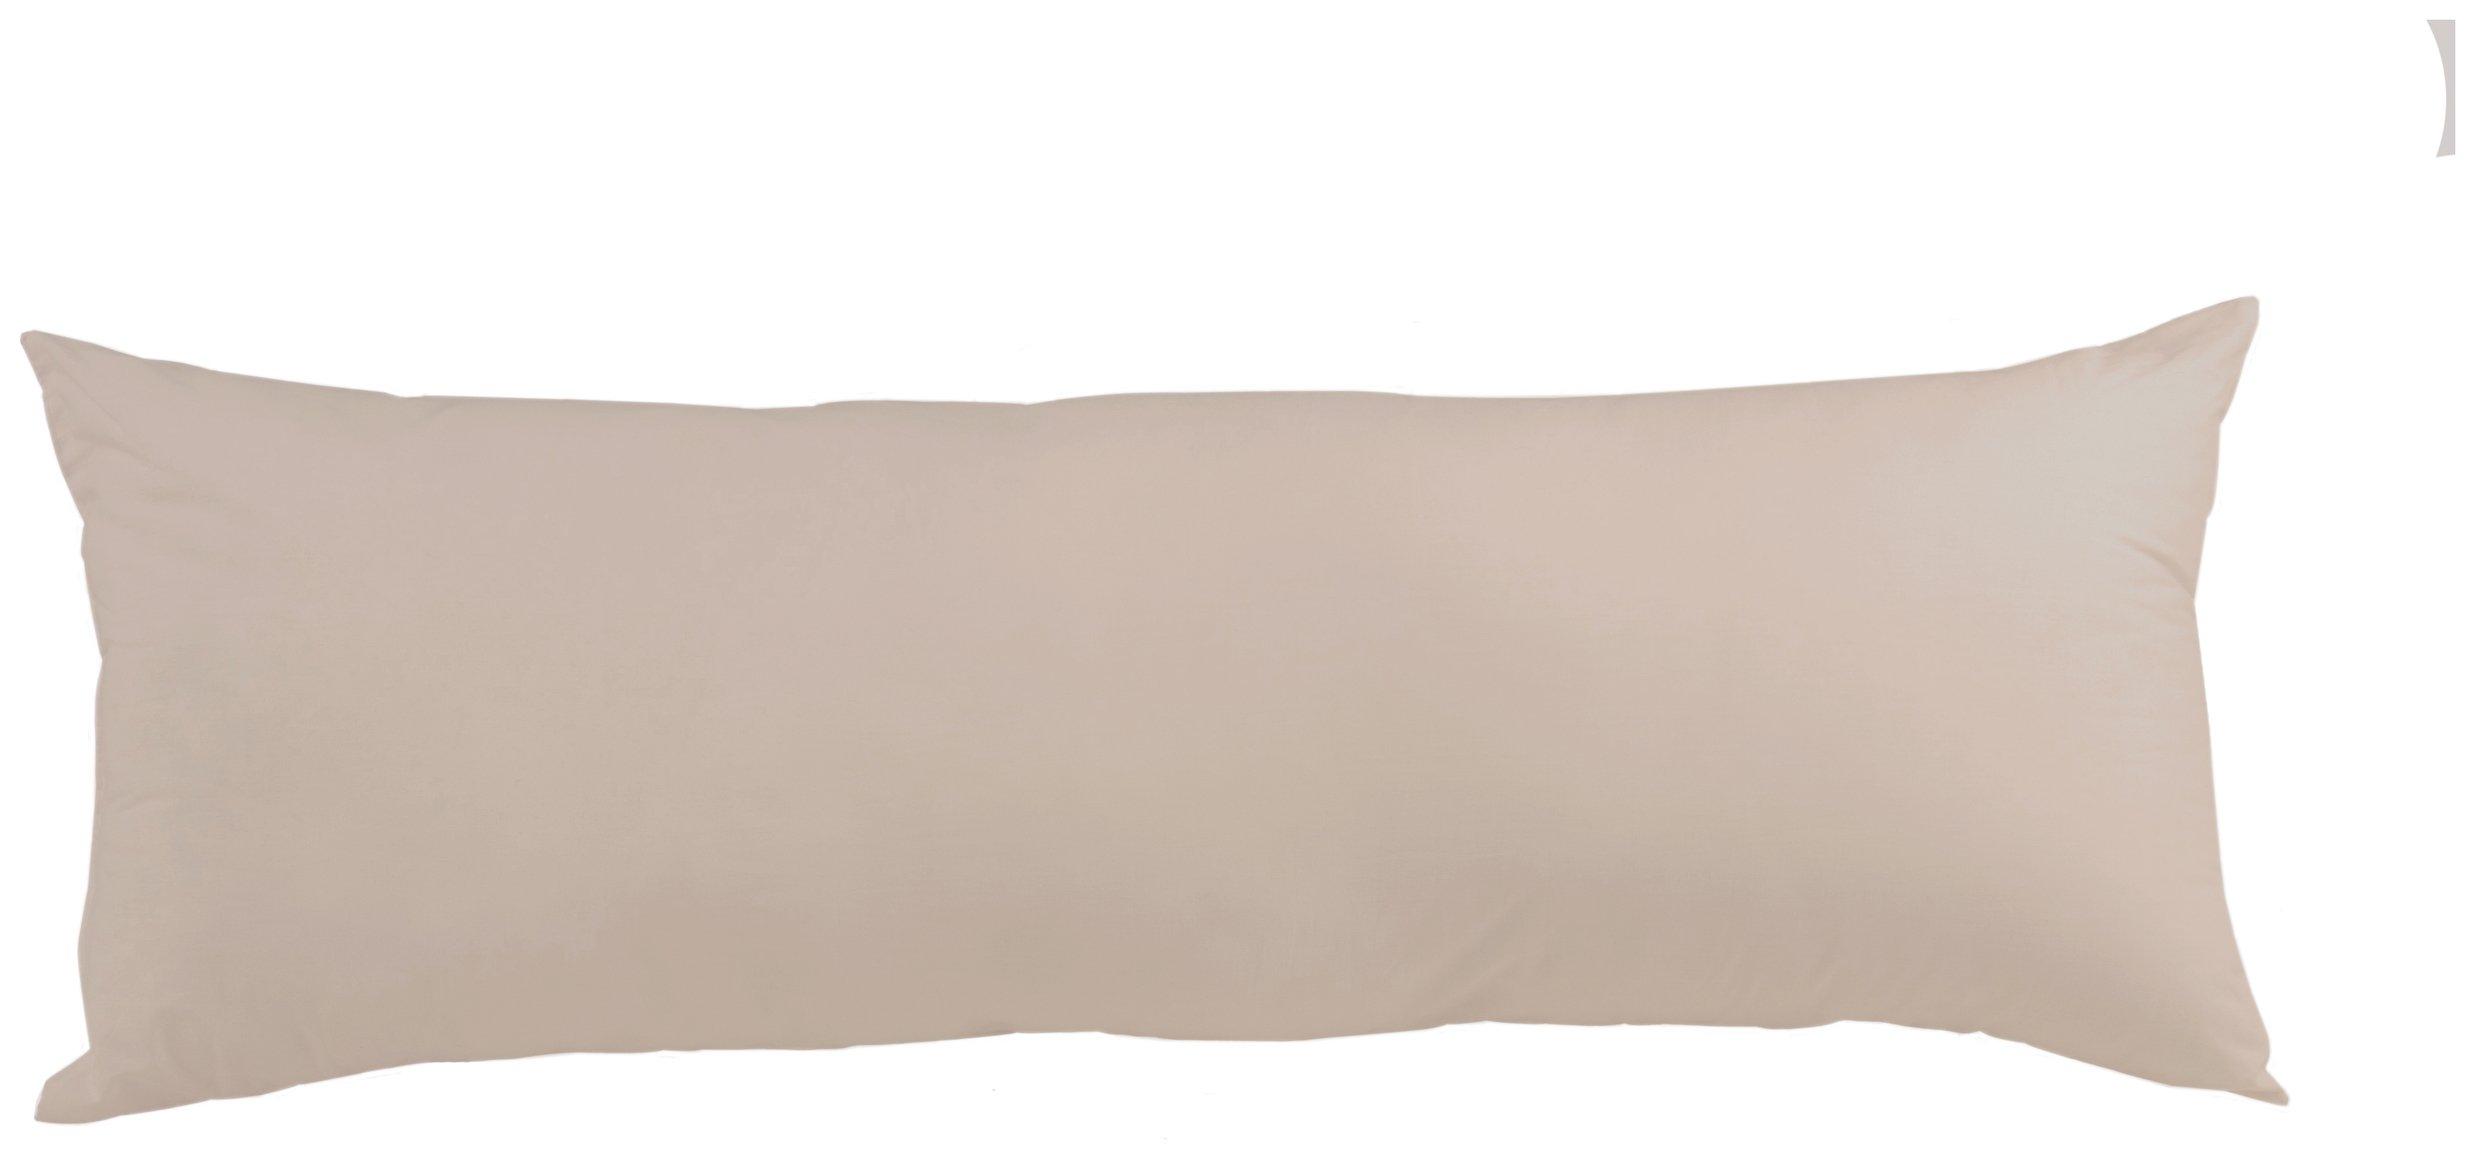 downland  5 ft blue bolster pillowcases  set of 2